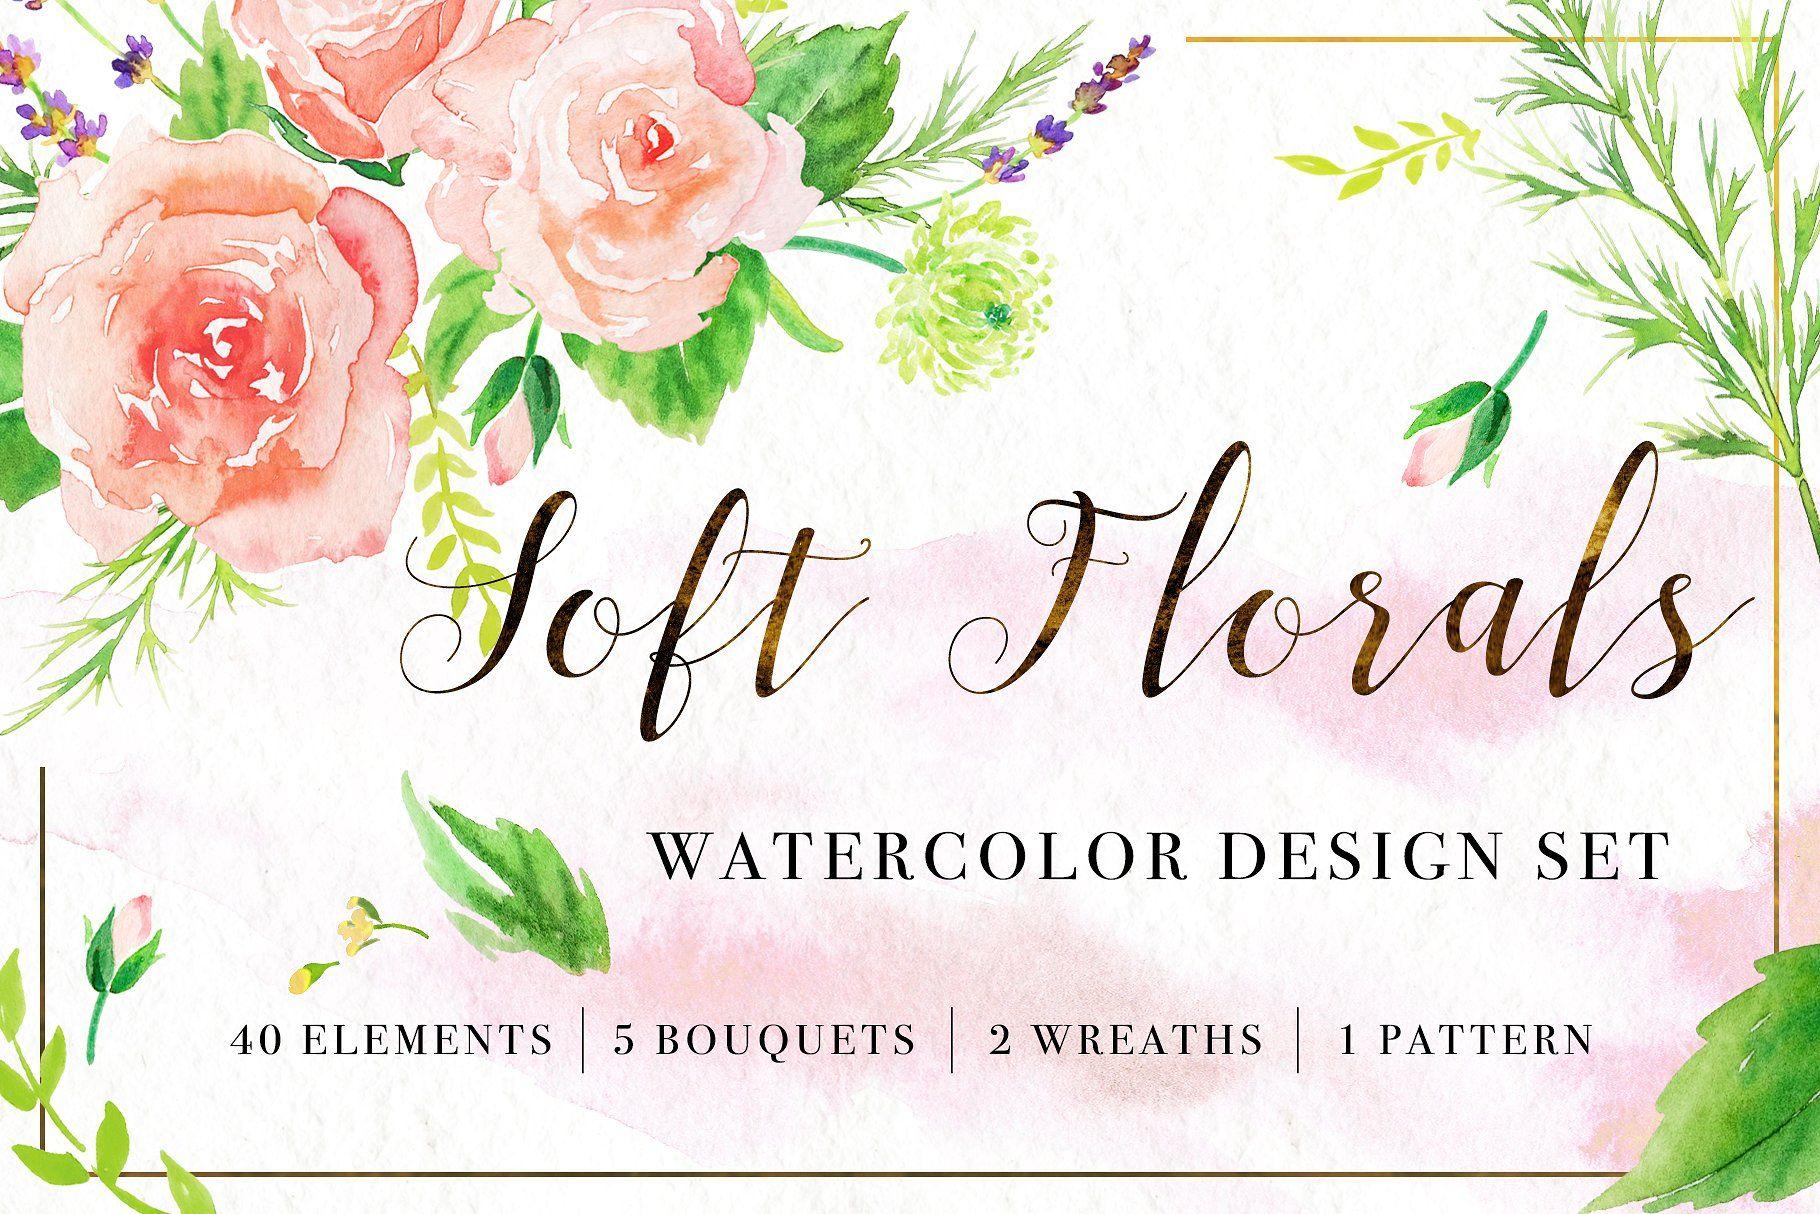 Soft florals watercolor design set pngsmallerbouquetsformat